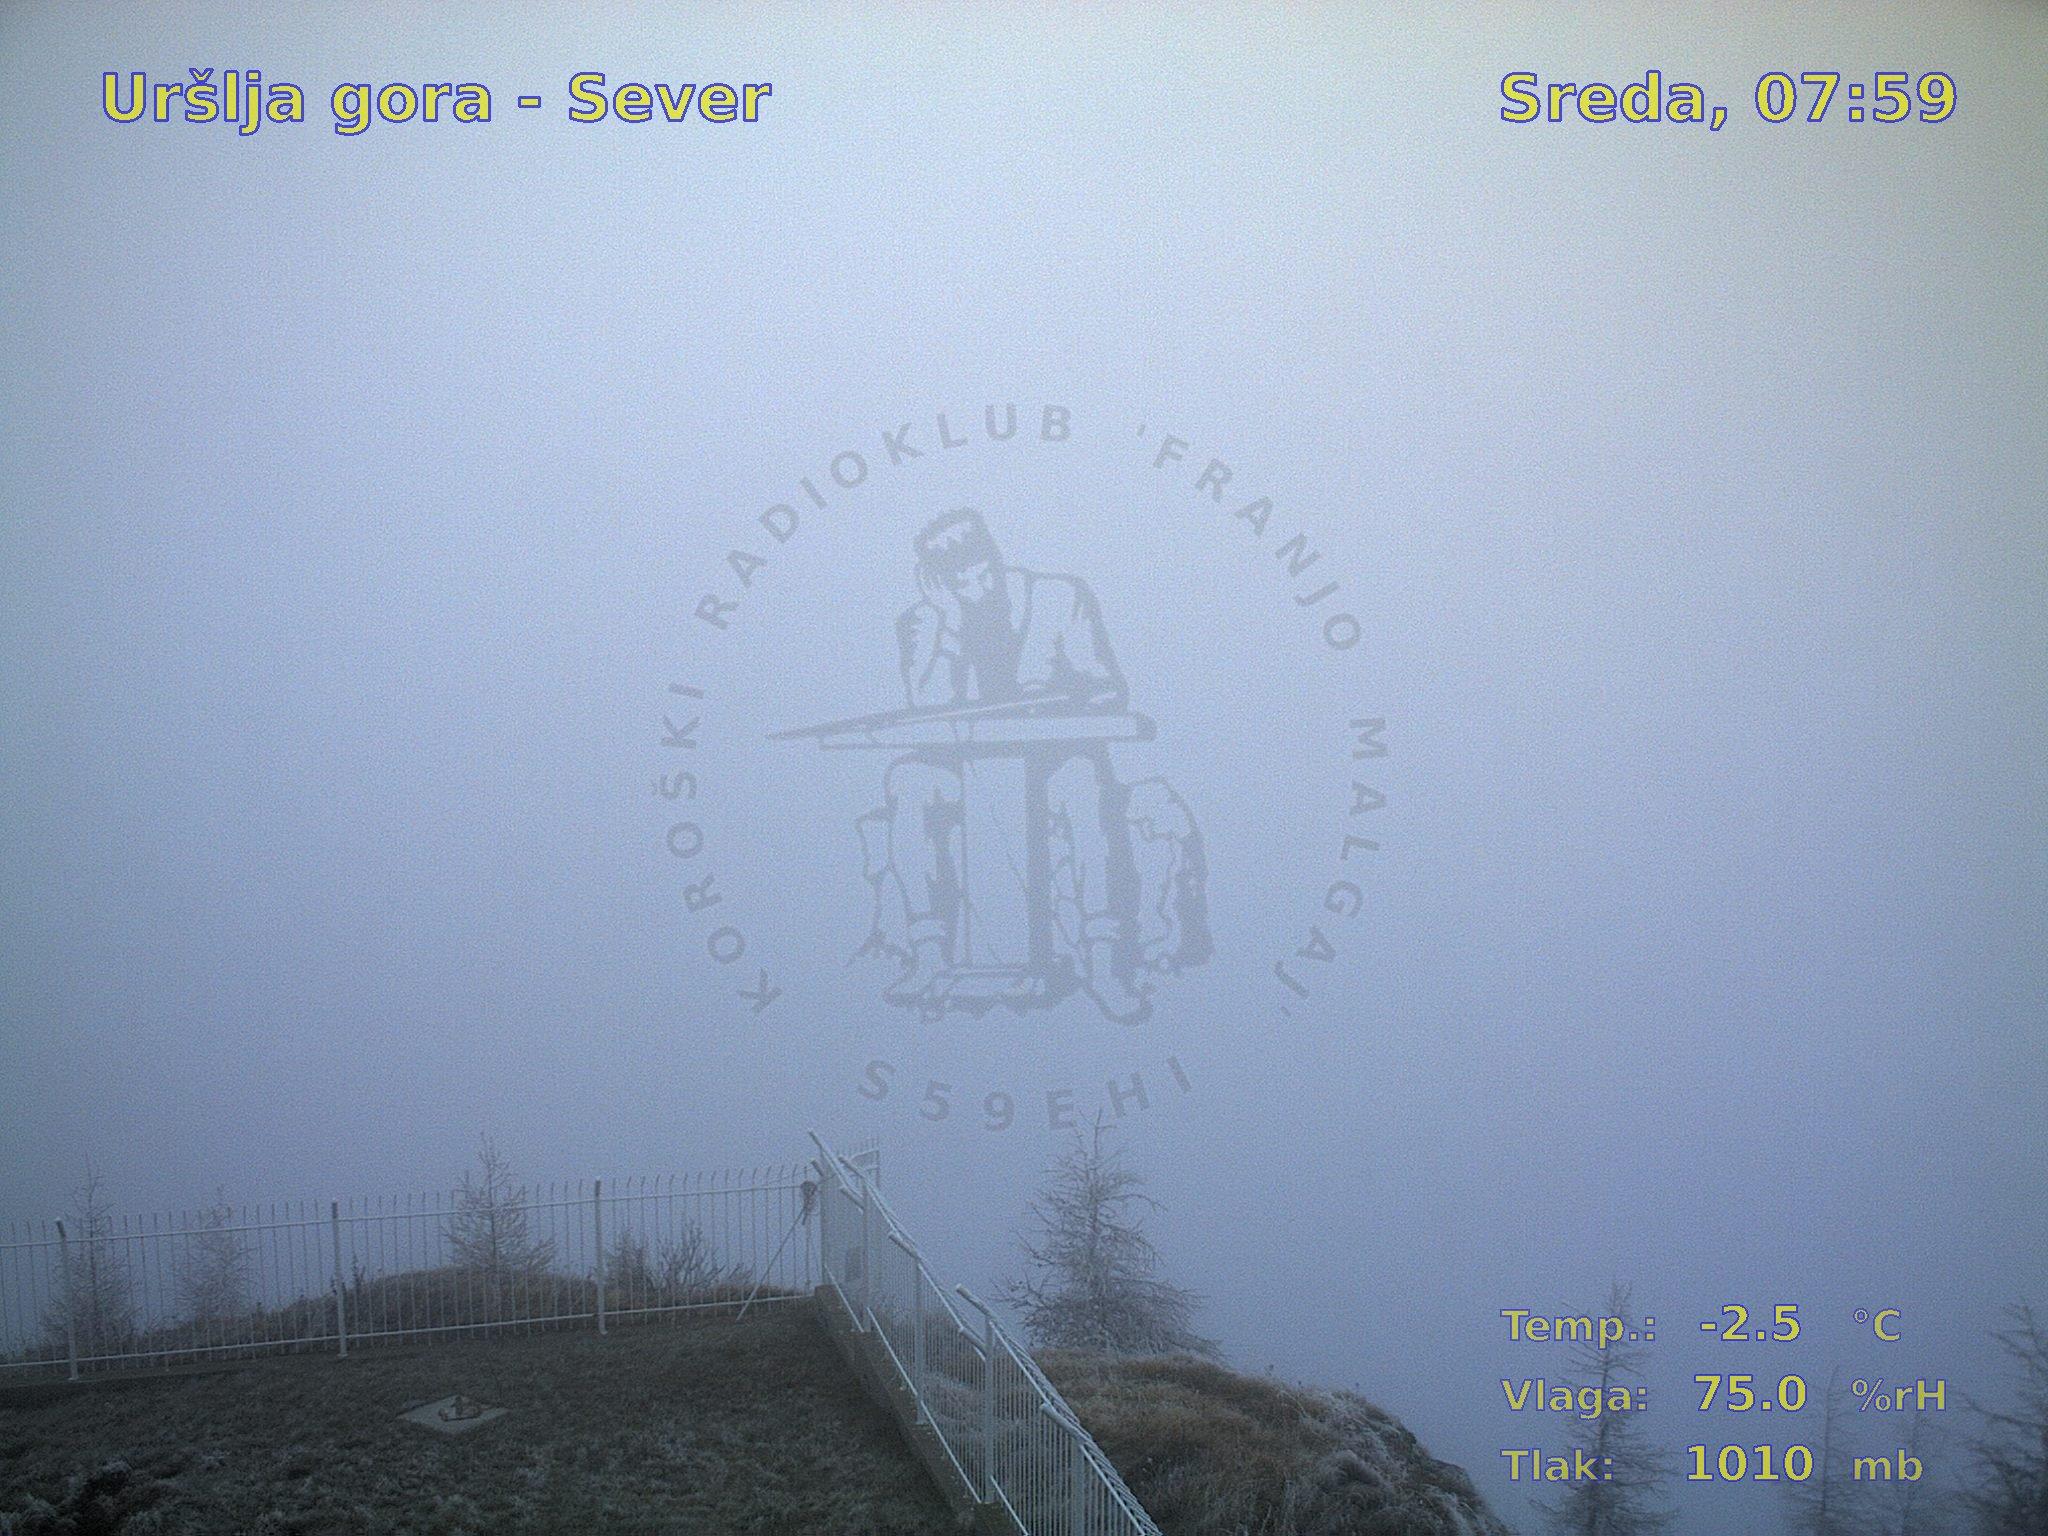 Uršlja gora-Sever, 07:00